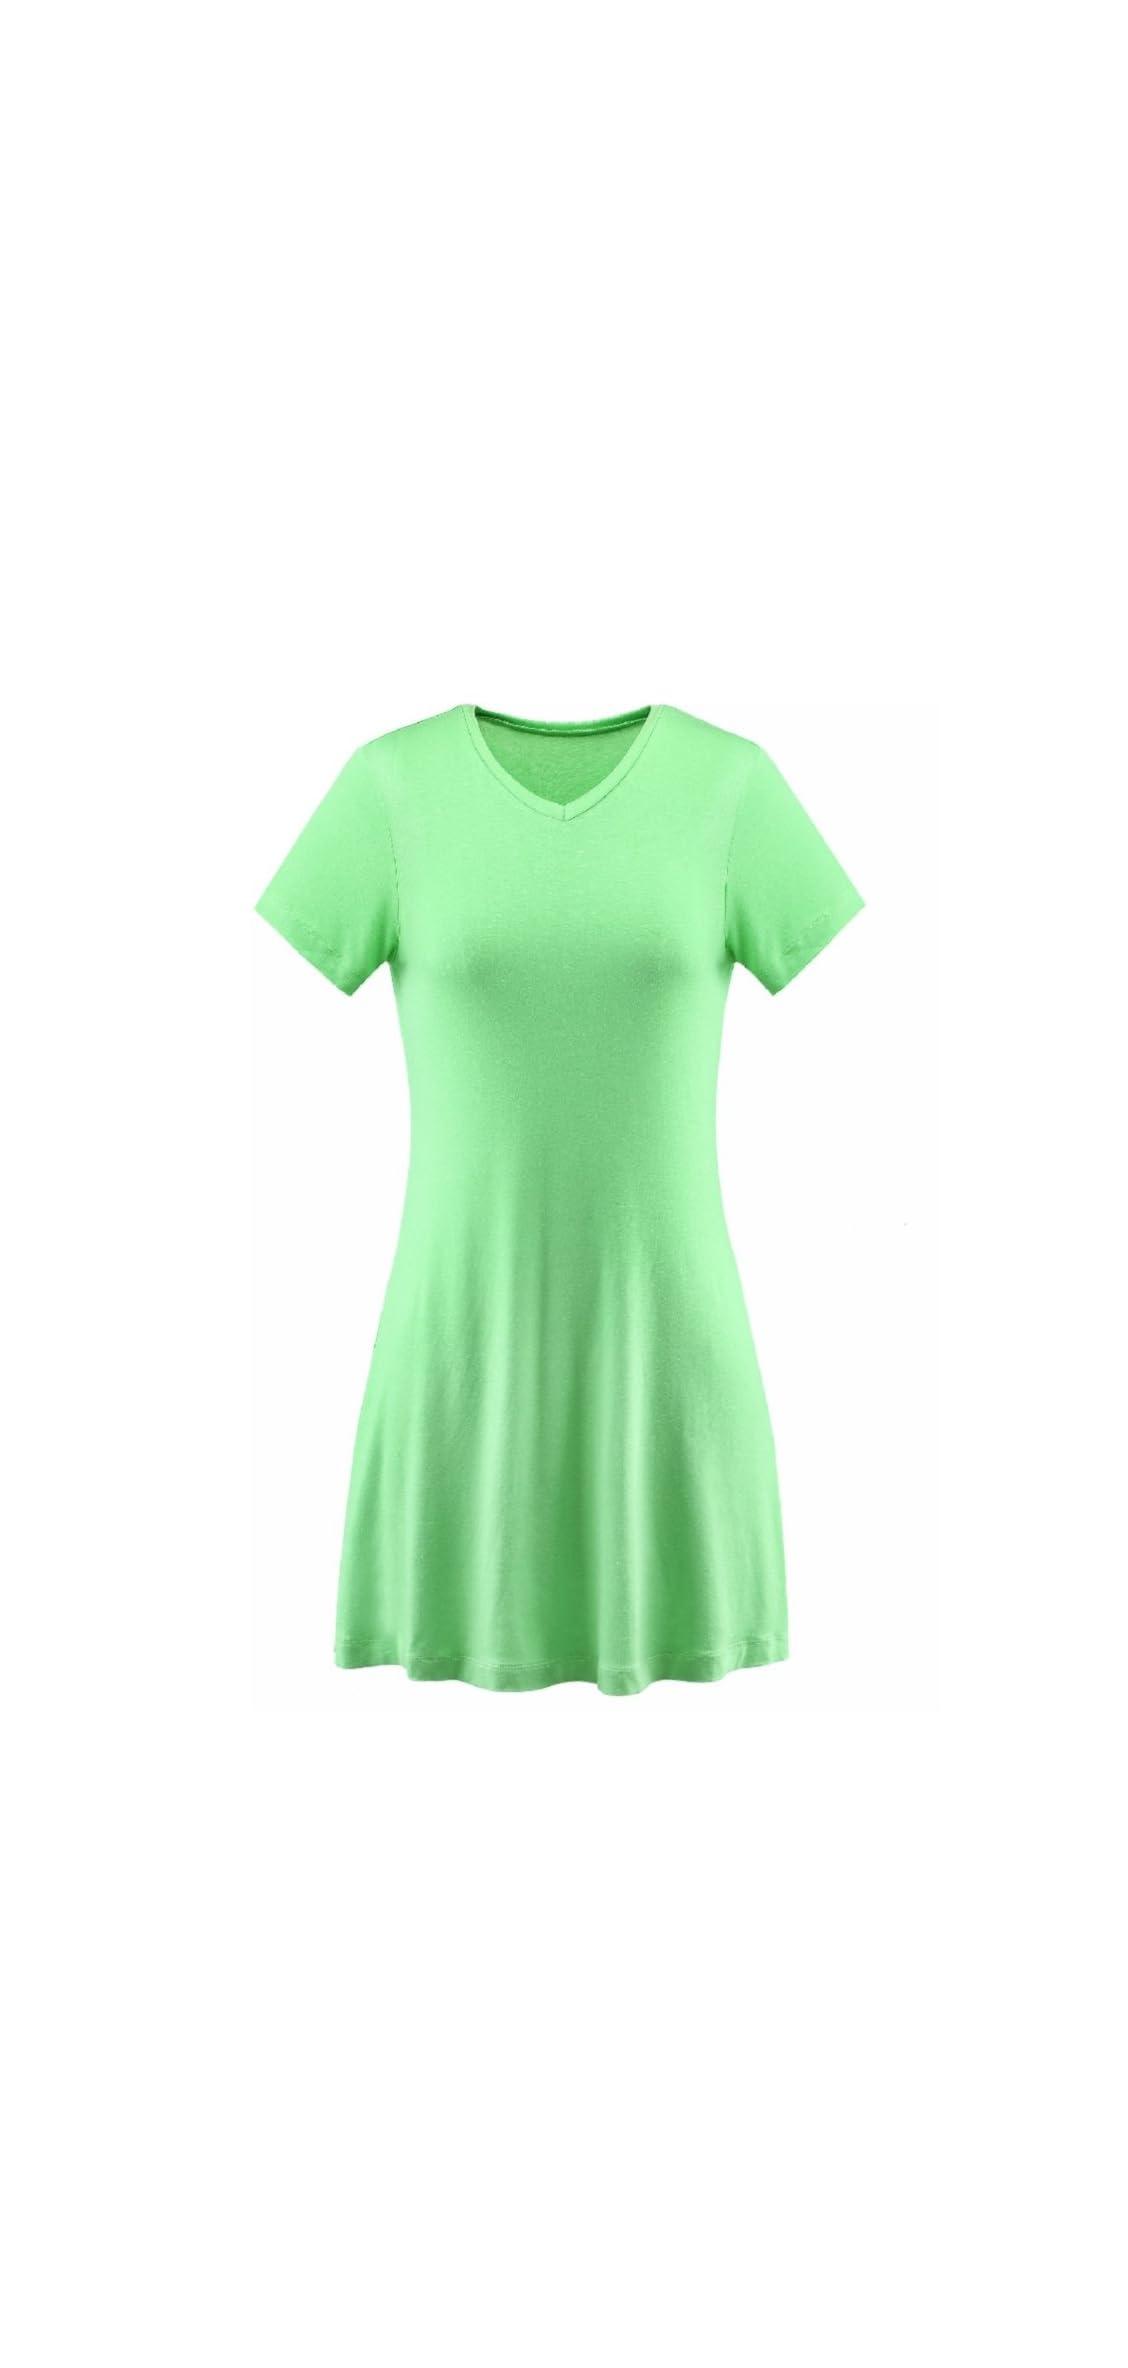 Womens V-neck Tunic Top Mini T-shirt Dress